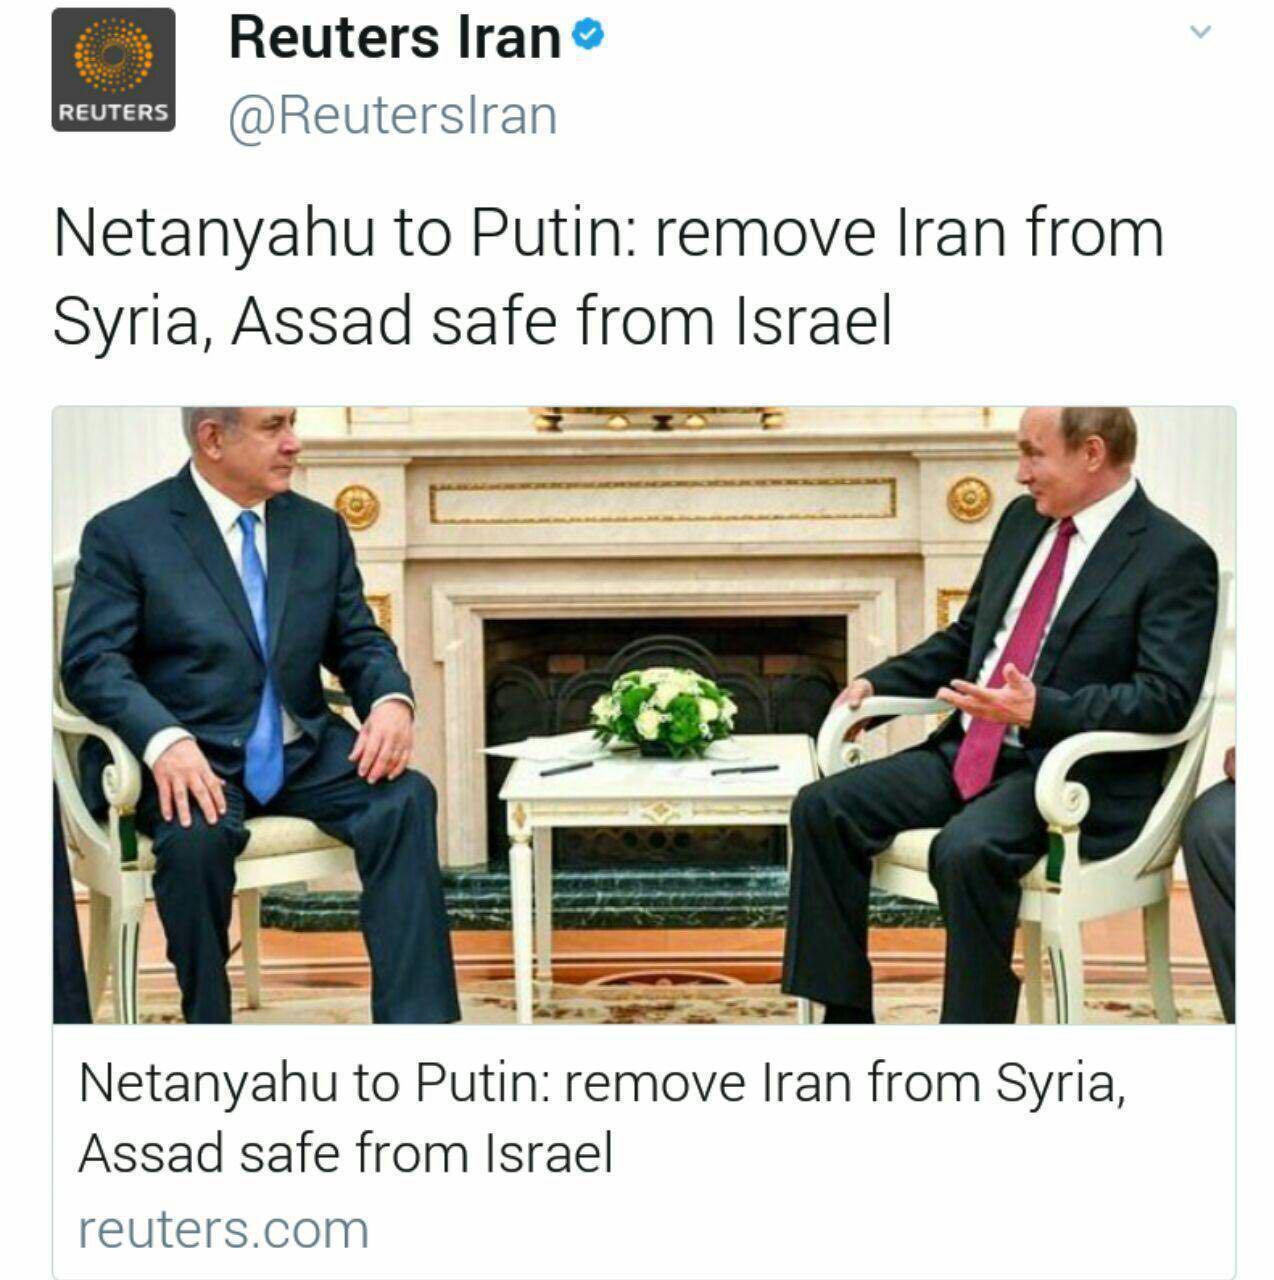 نتانیاهو در دیدار با پوتین: ایران را از سوریه خارج کنید